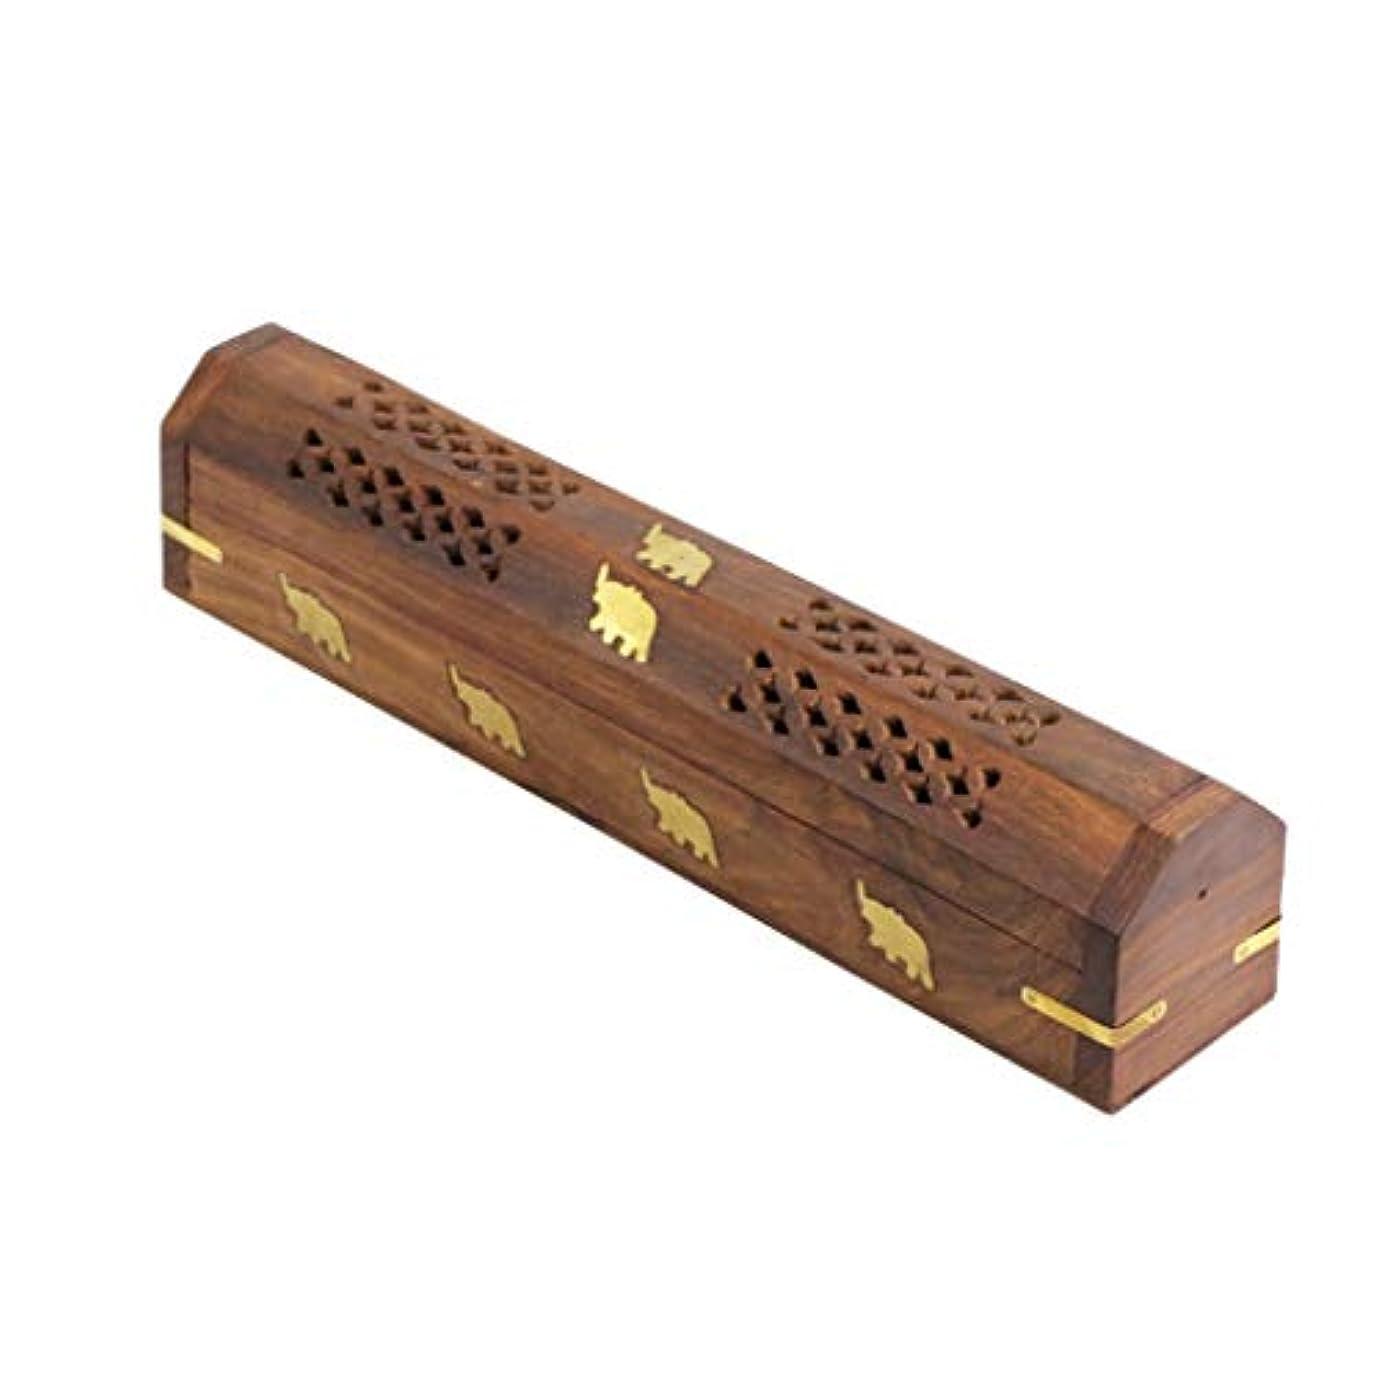 海忙しい広告する木製香ホルダーブラウン香スティックバーナーホルダーアッシュキャッチャーホームフレグランス装飾品香炉 (Color : Brown, サイズ : 12*2.2*2.36inchs)